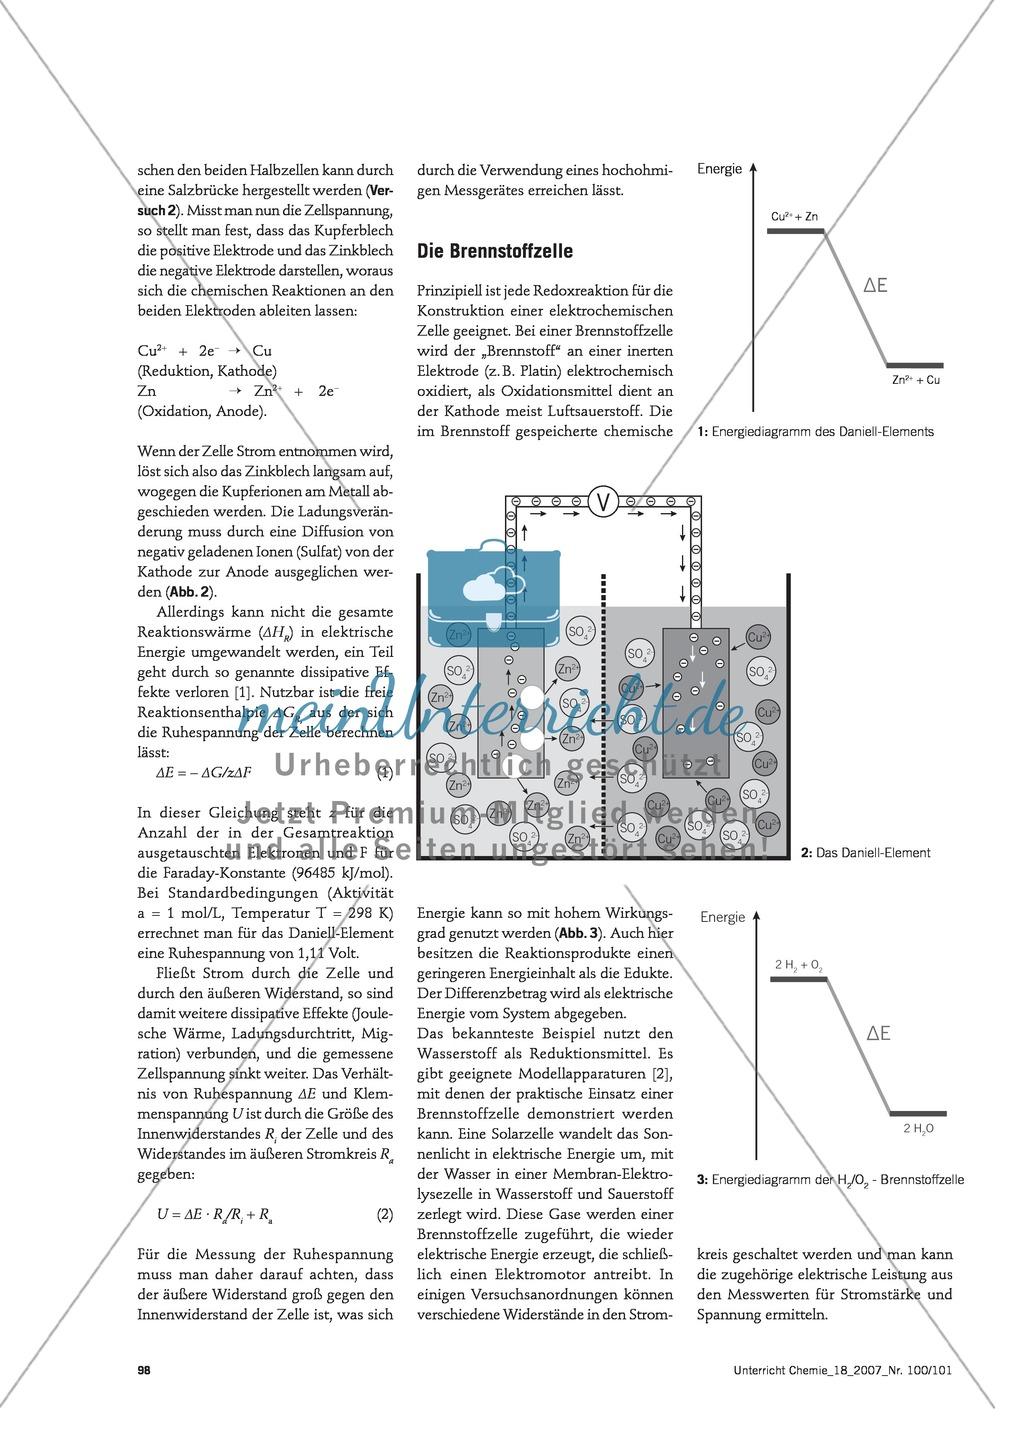 Energieumwandlungen verstehen - Energieumsatz in elektrochemischen Systemen Preview 1